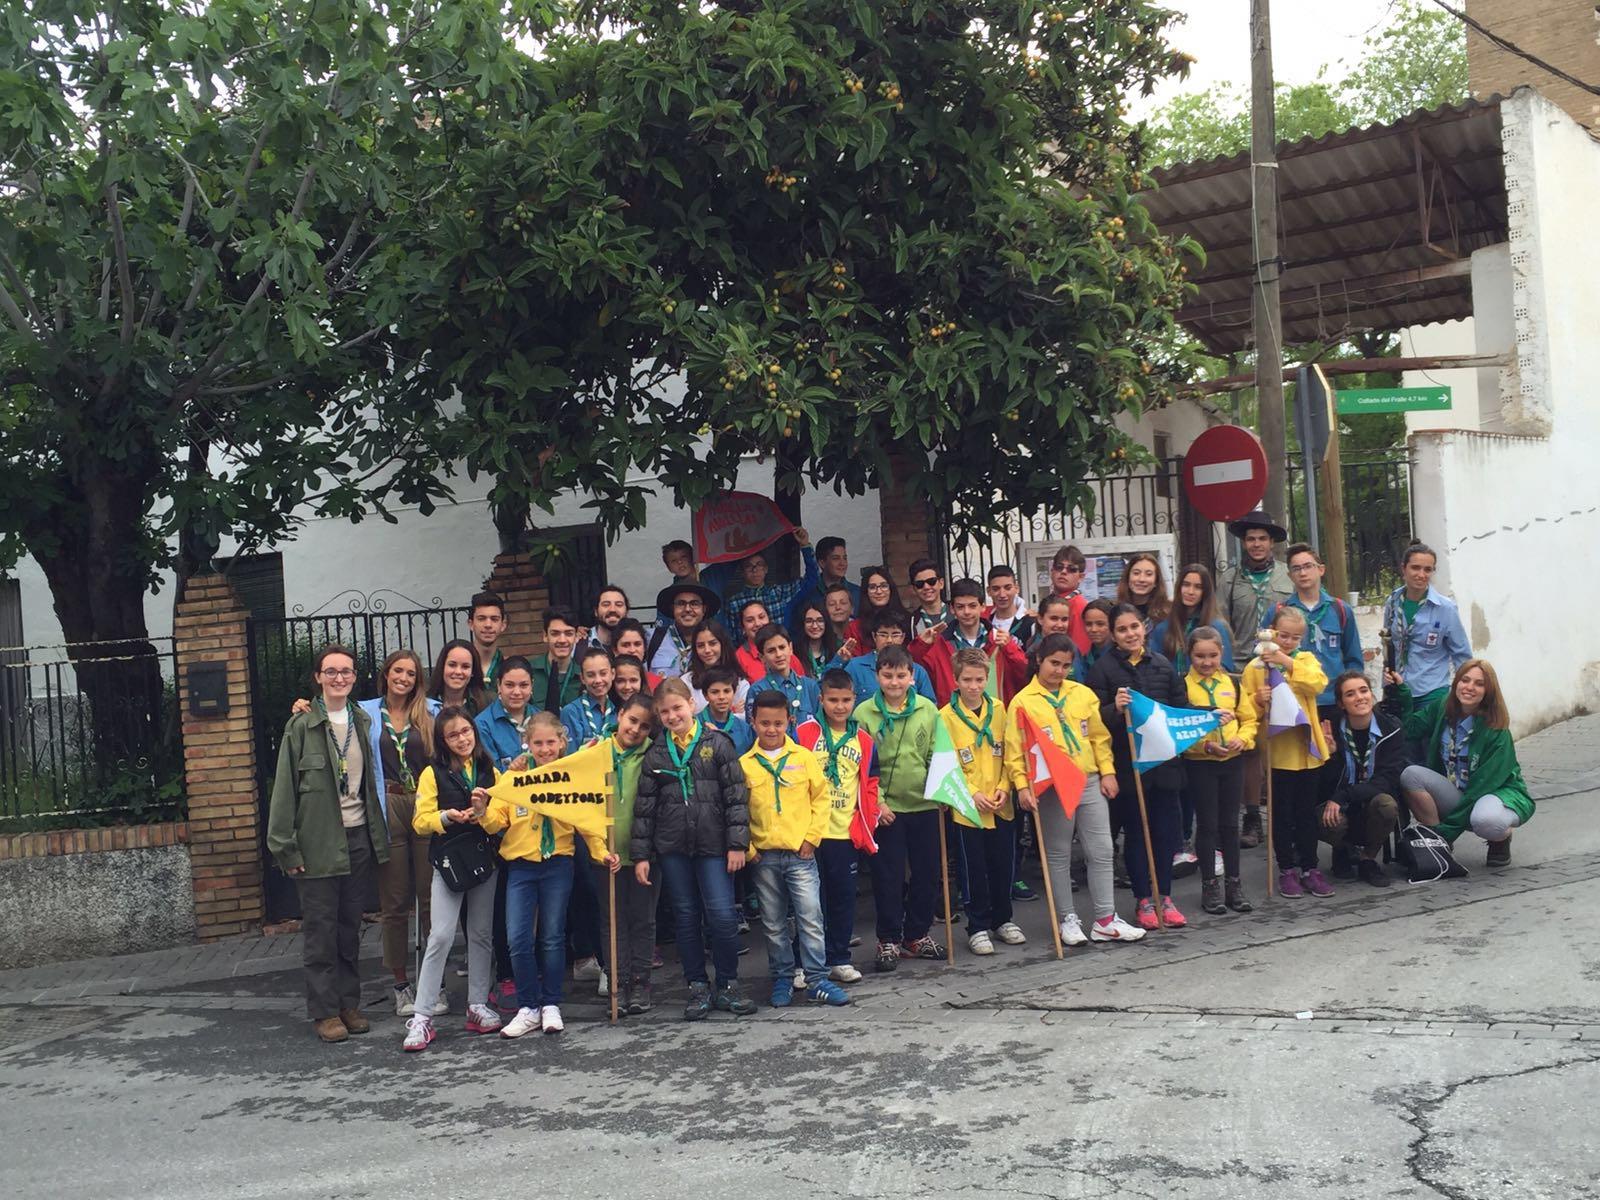 Grupo - Gójar 16 - 15-16